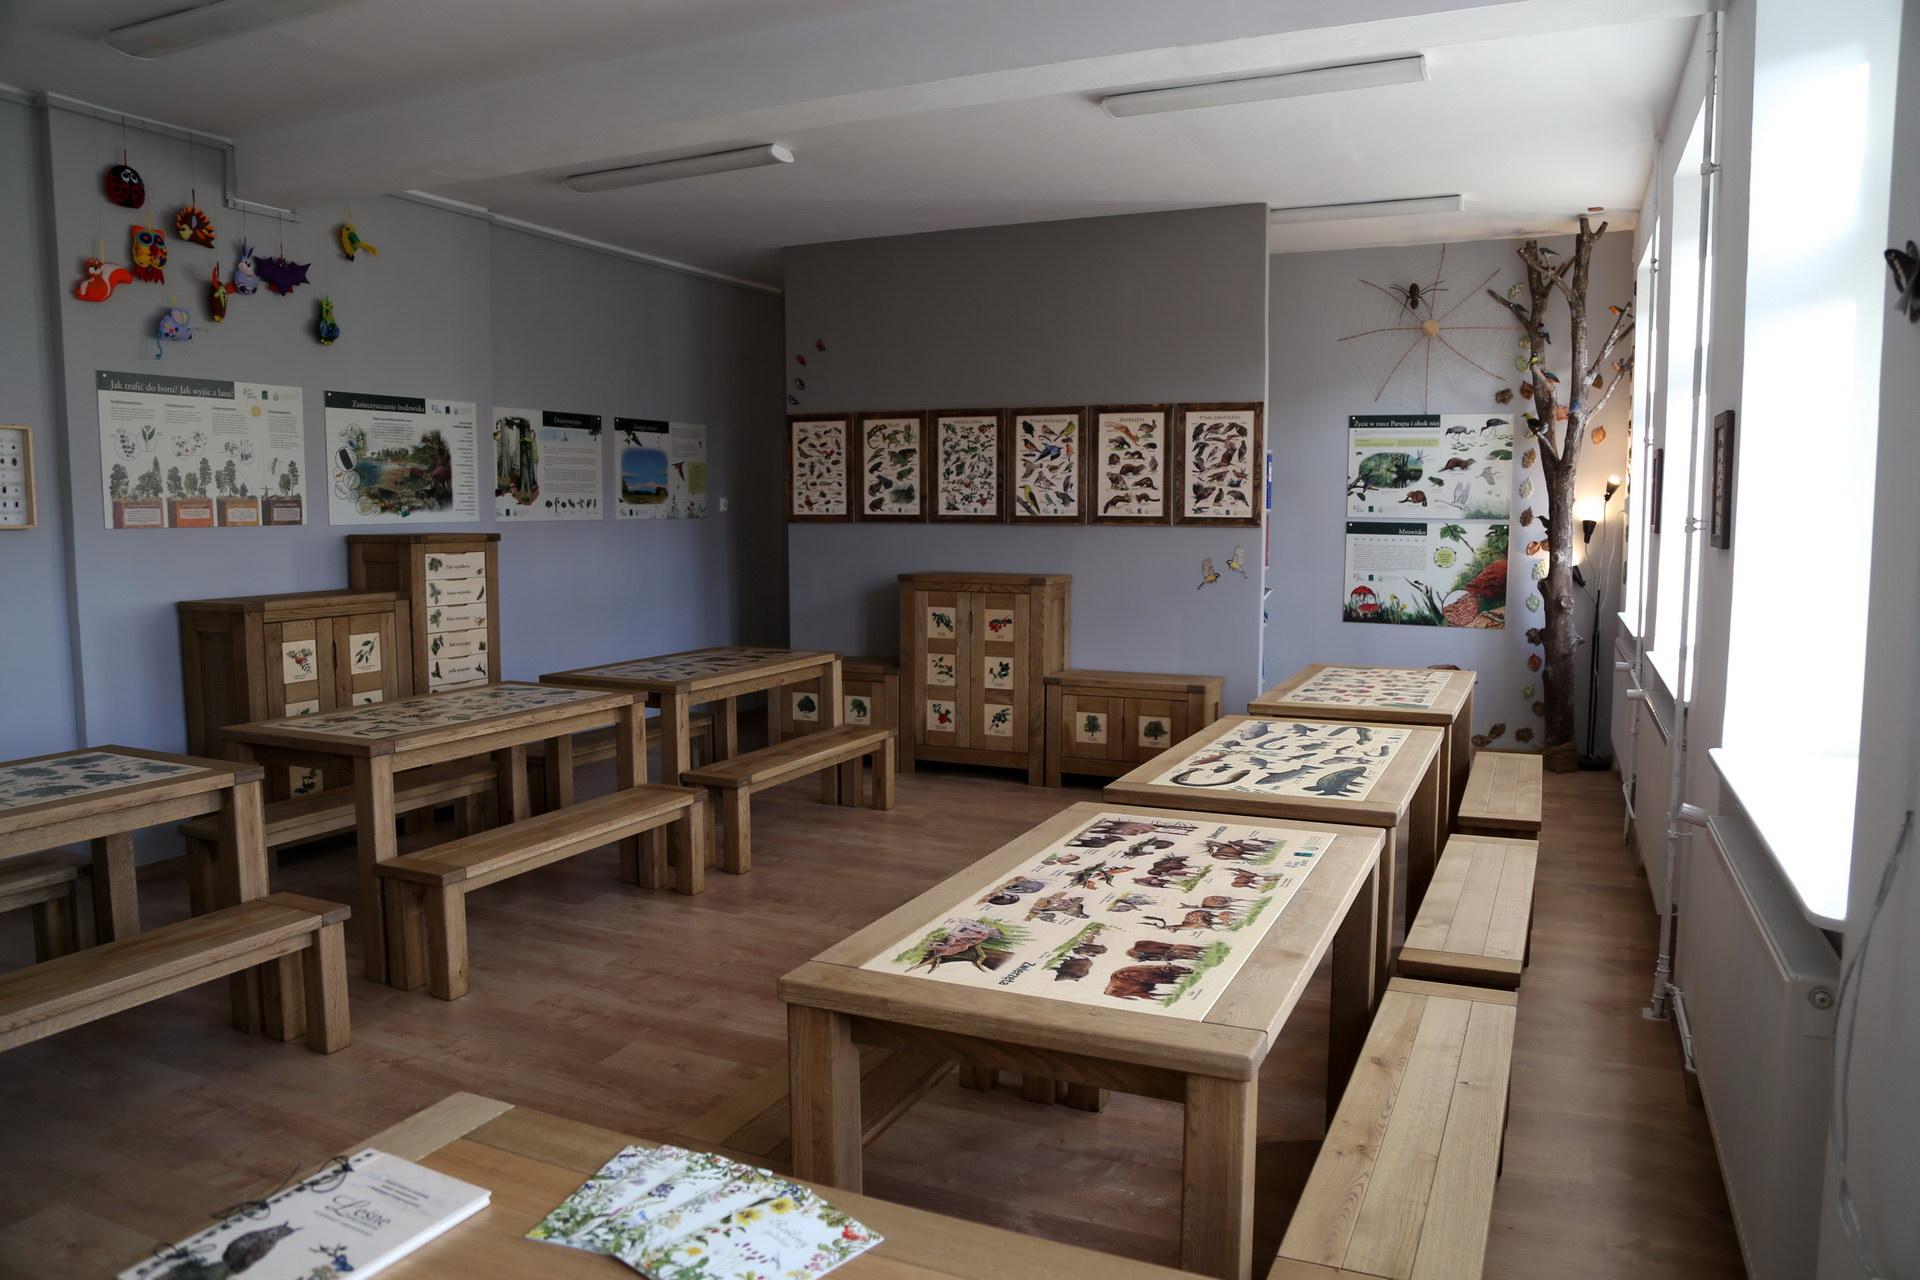 Izby edukacyjne lesne - sale przyrodnicze, wystroj wnetrz - ZS Goscino (2)